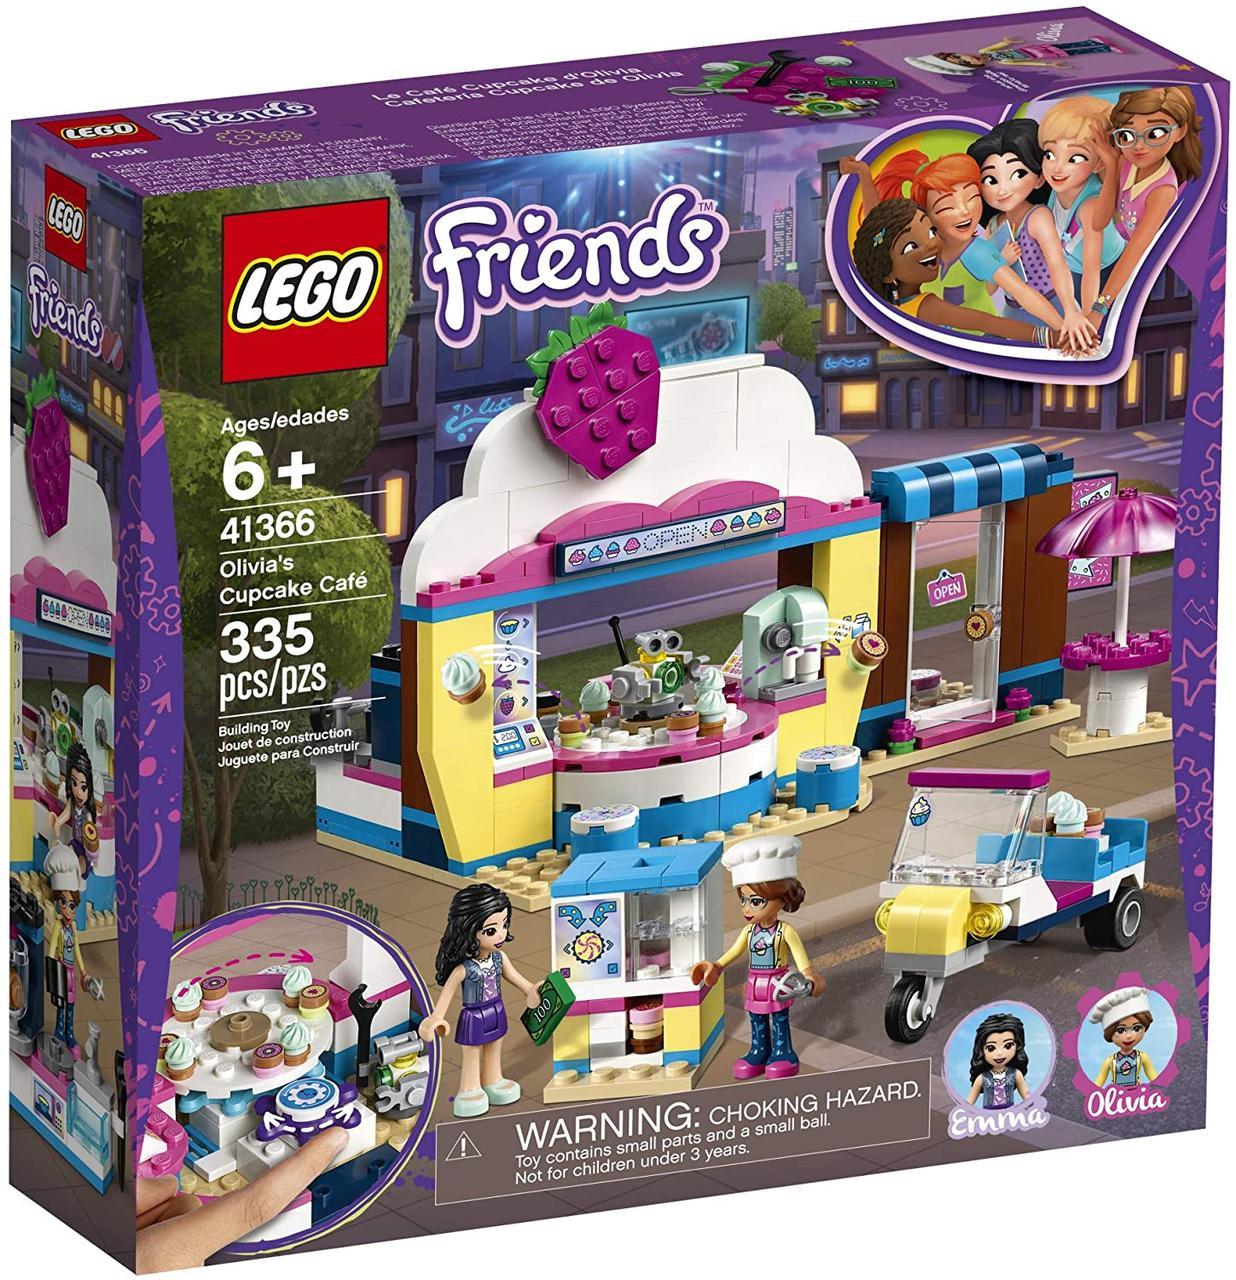 Конструктор LEGO Friends 41366 Кондитерская с кексами Оливии